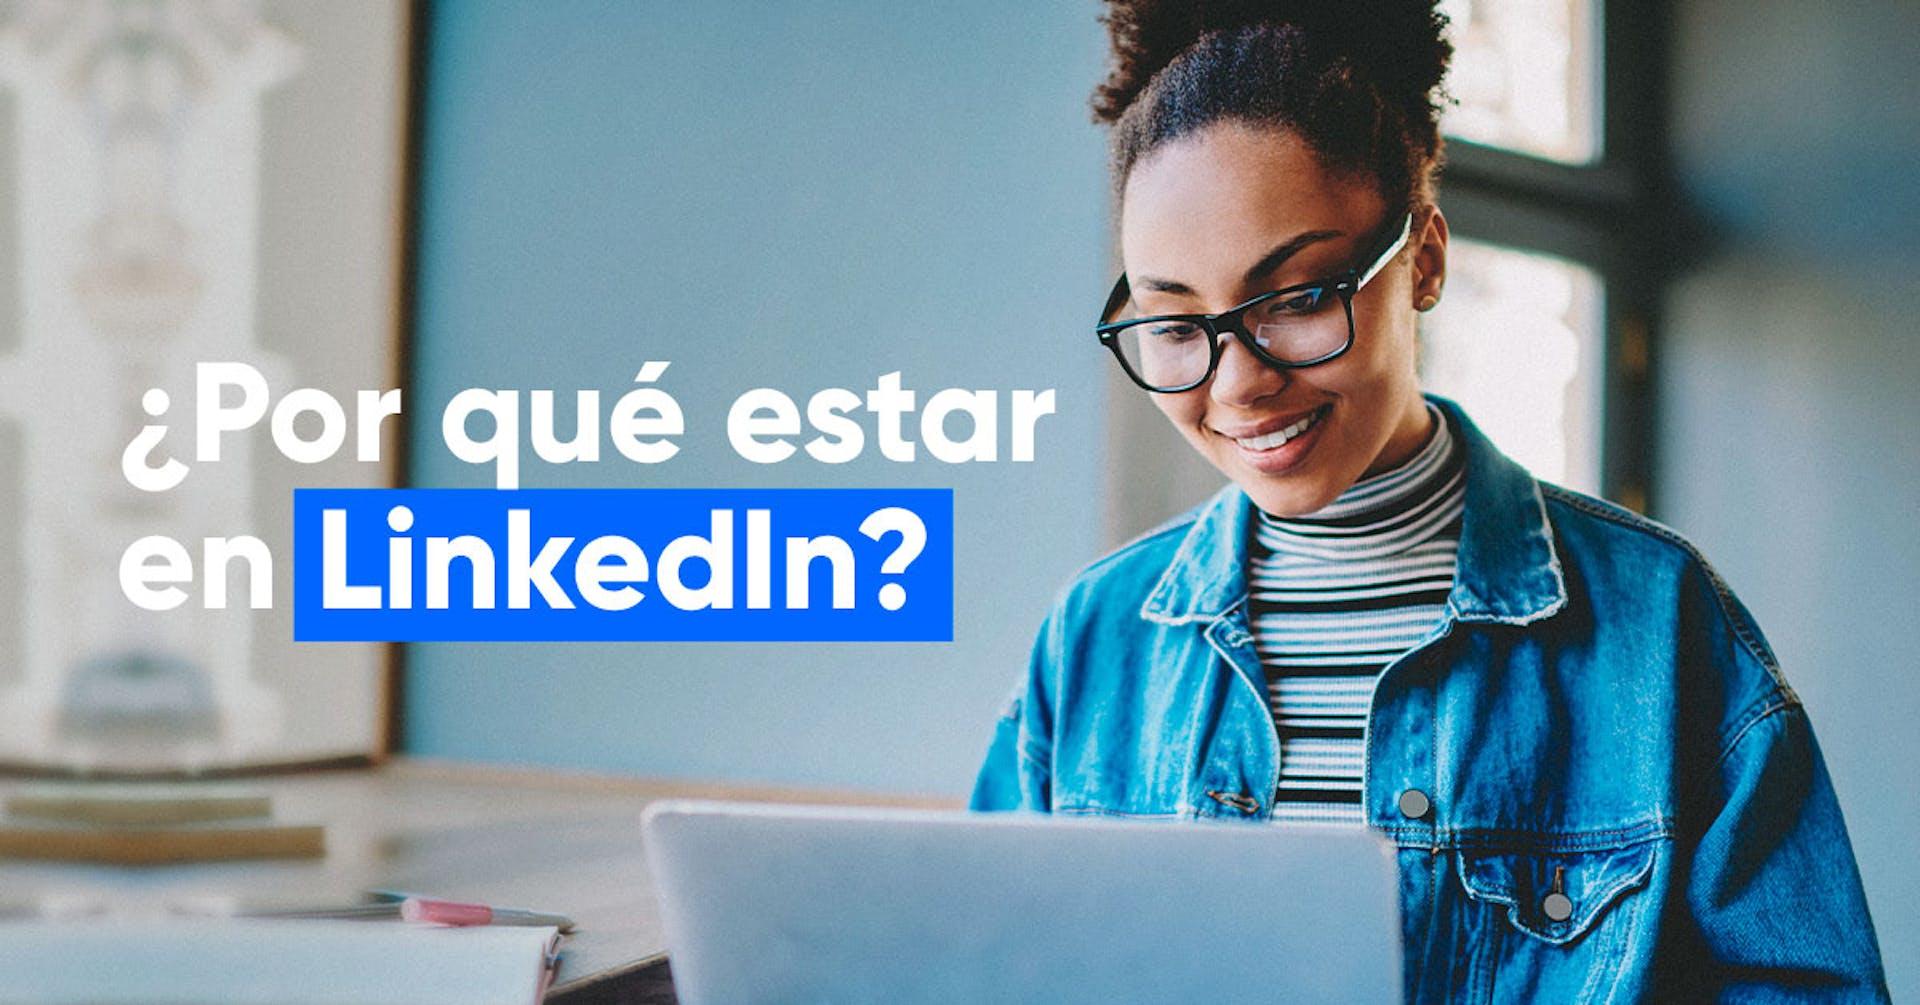 ¡A desempolvar el LinkedIn! Estas son las razones para tener tu cuenta actualizada